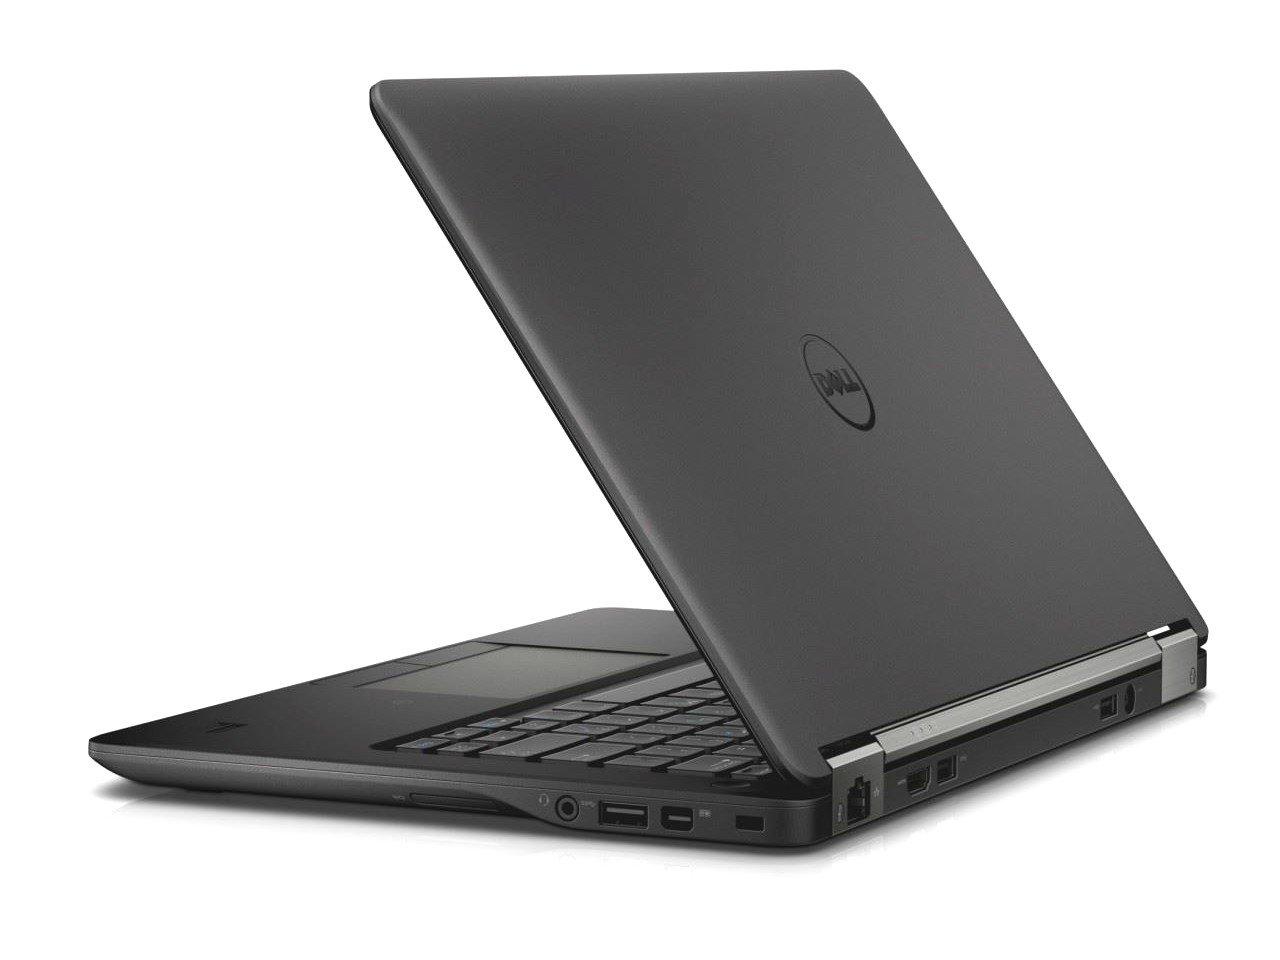 Dell Latitude 12 7000 E7250 I5 Astringo